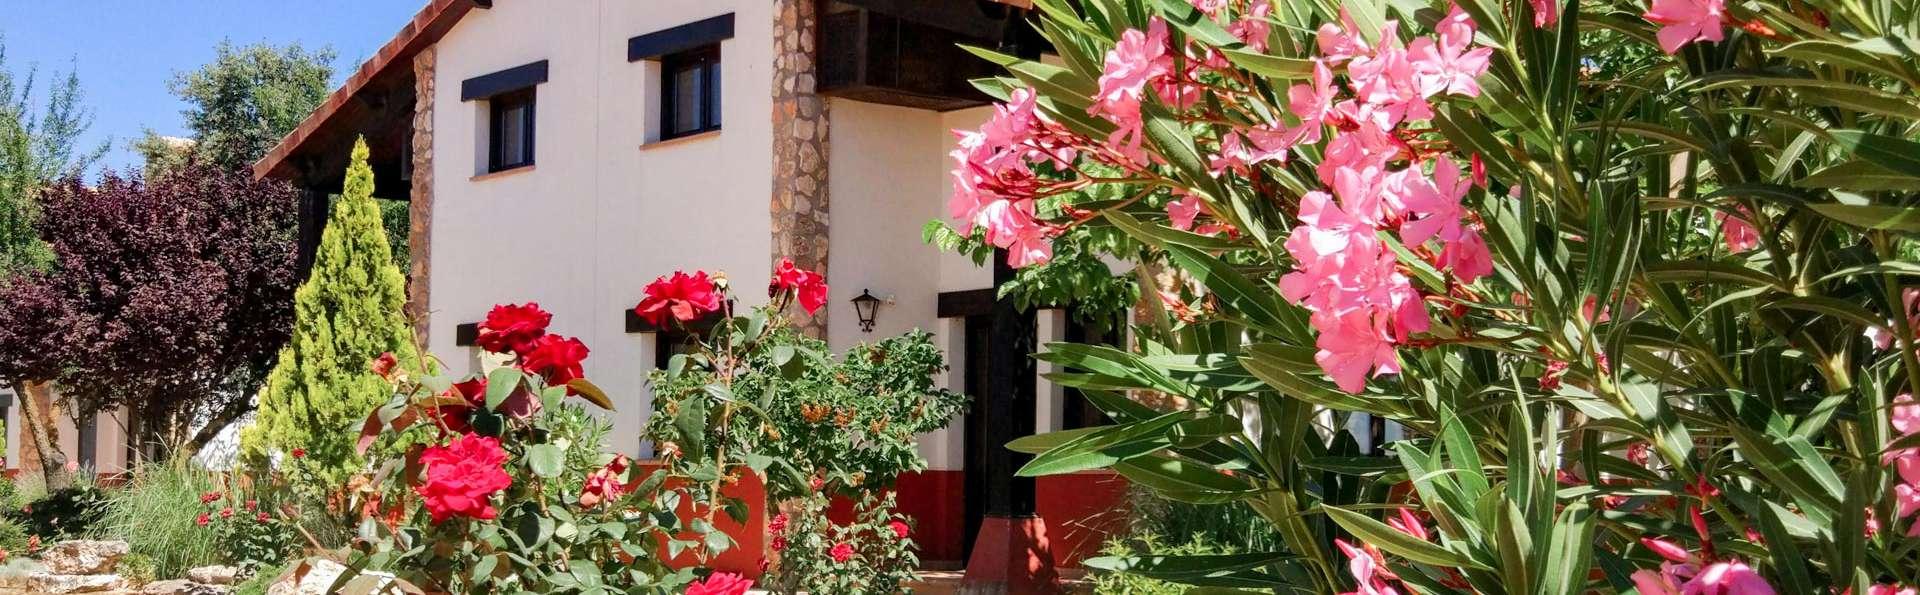 Gran villa rural en una finca Manchega con desayunos incluidos en Pedro Muñoz